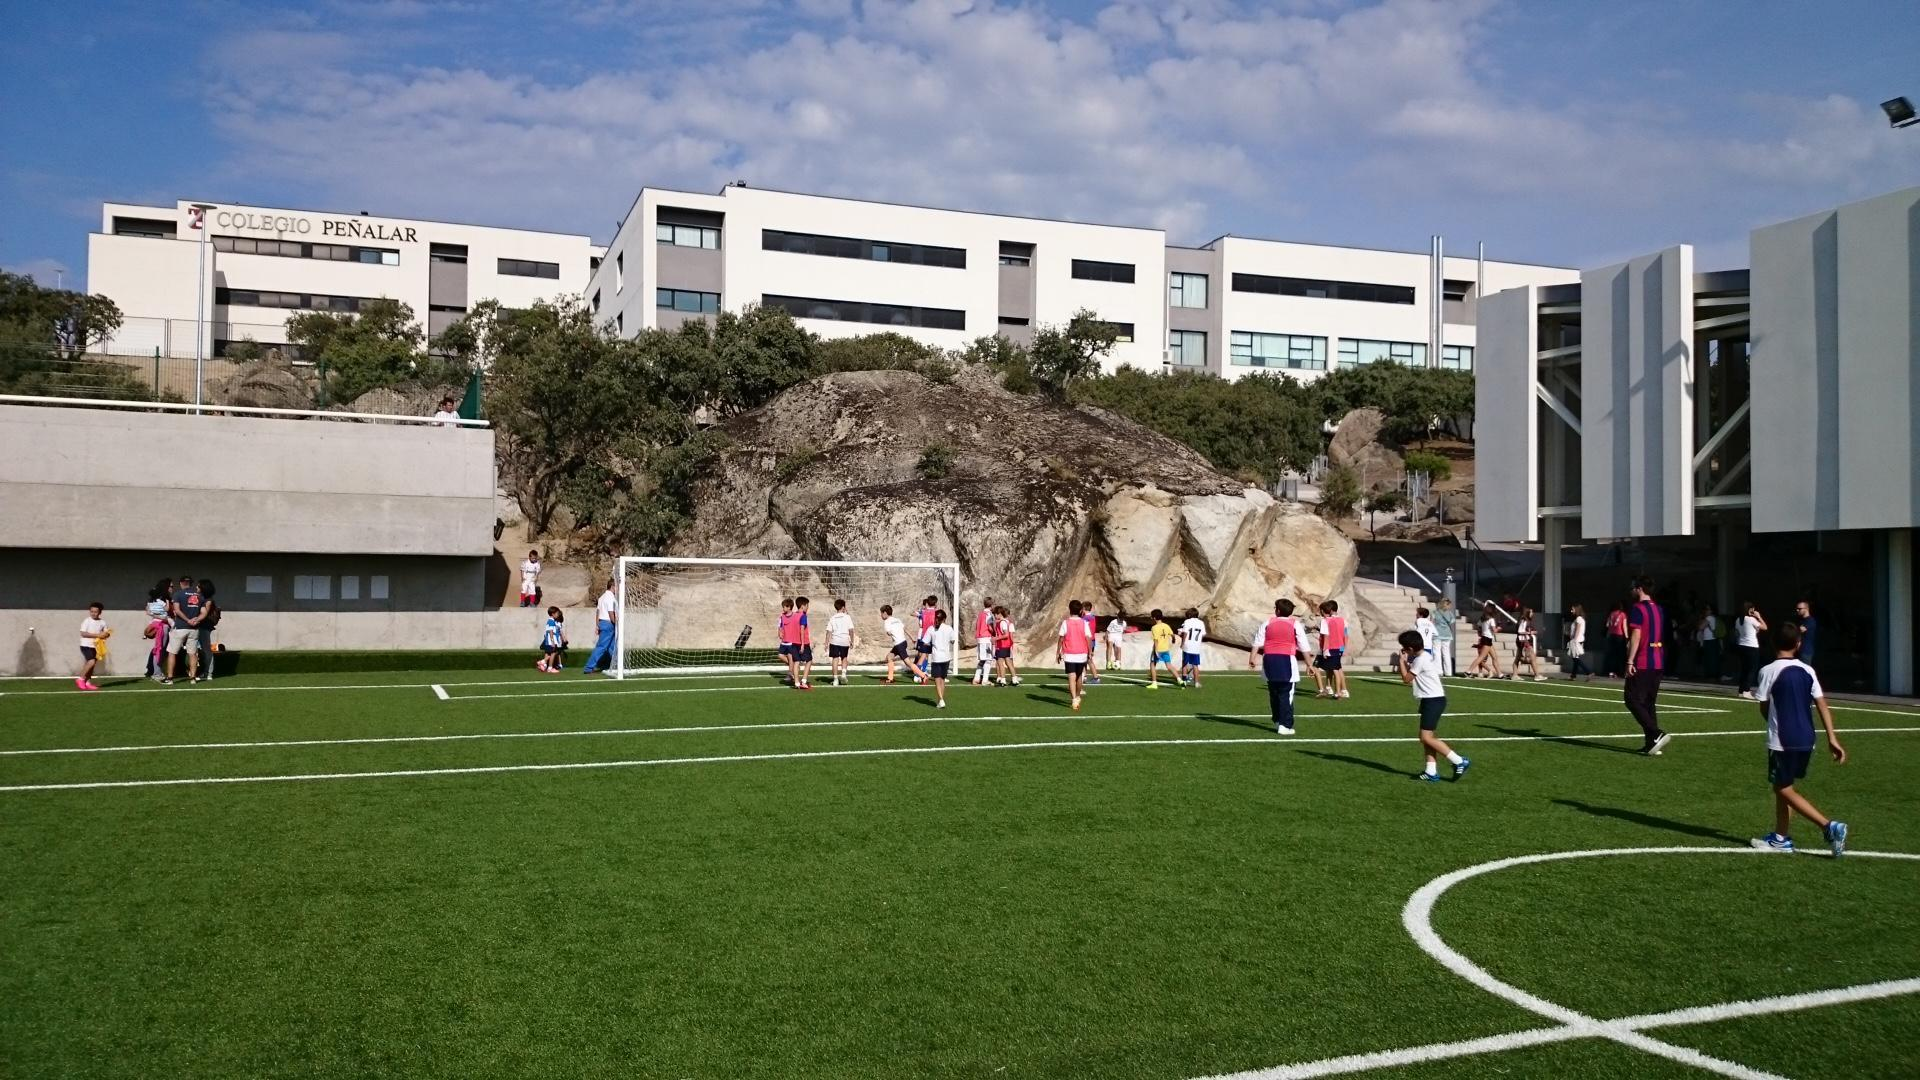 Inaugurado el nuevo polideportivo del Colegio Peñalar